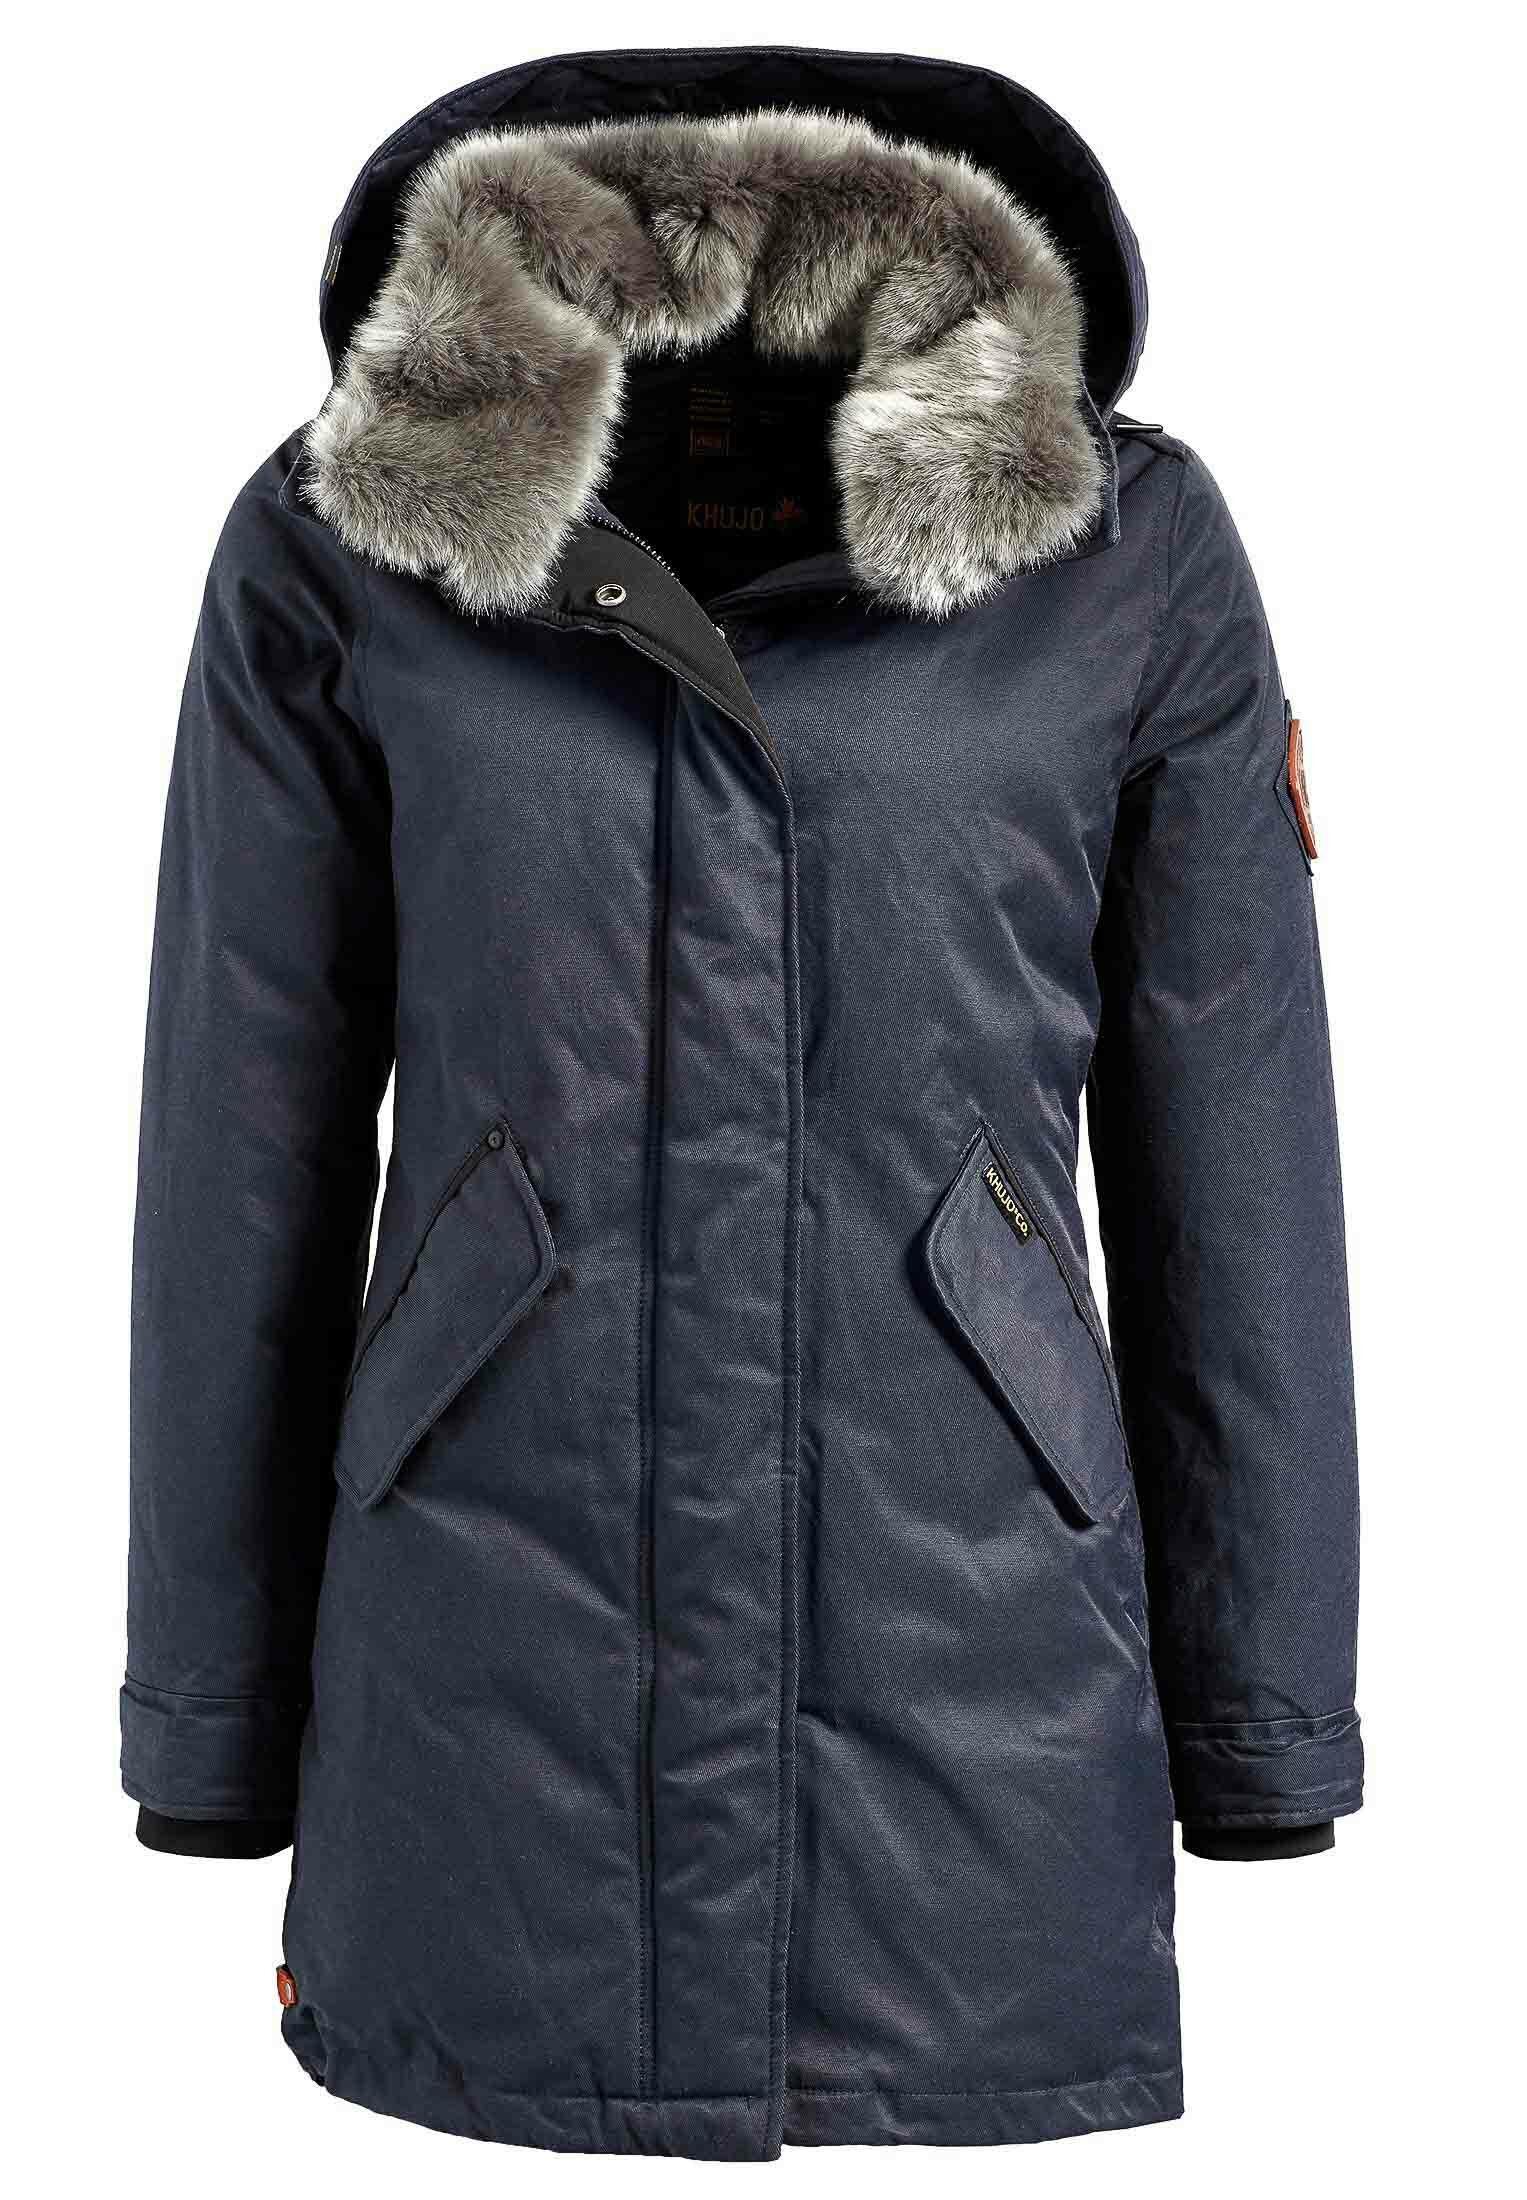 Damen Sportscheck Online Shop Khujo Von Winterjacke Im wPOk80n